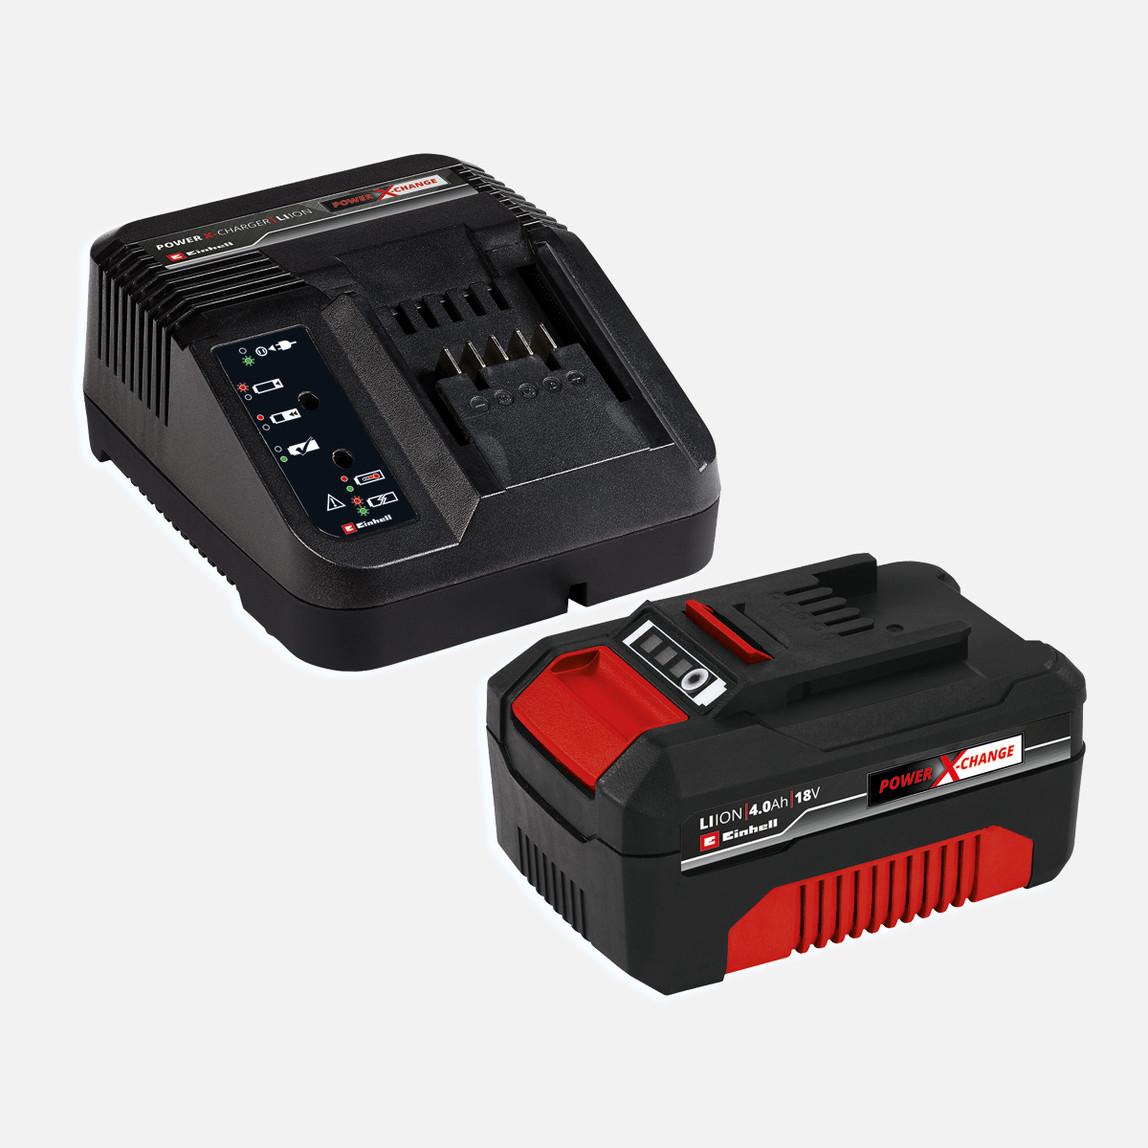 Einhell 18V 4,0Ah Akü Starter-Kit Power-X-Change